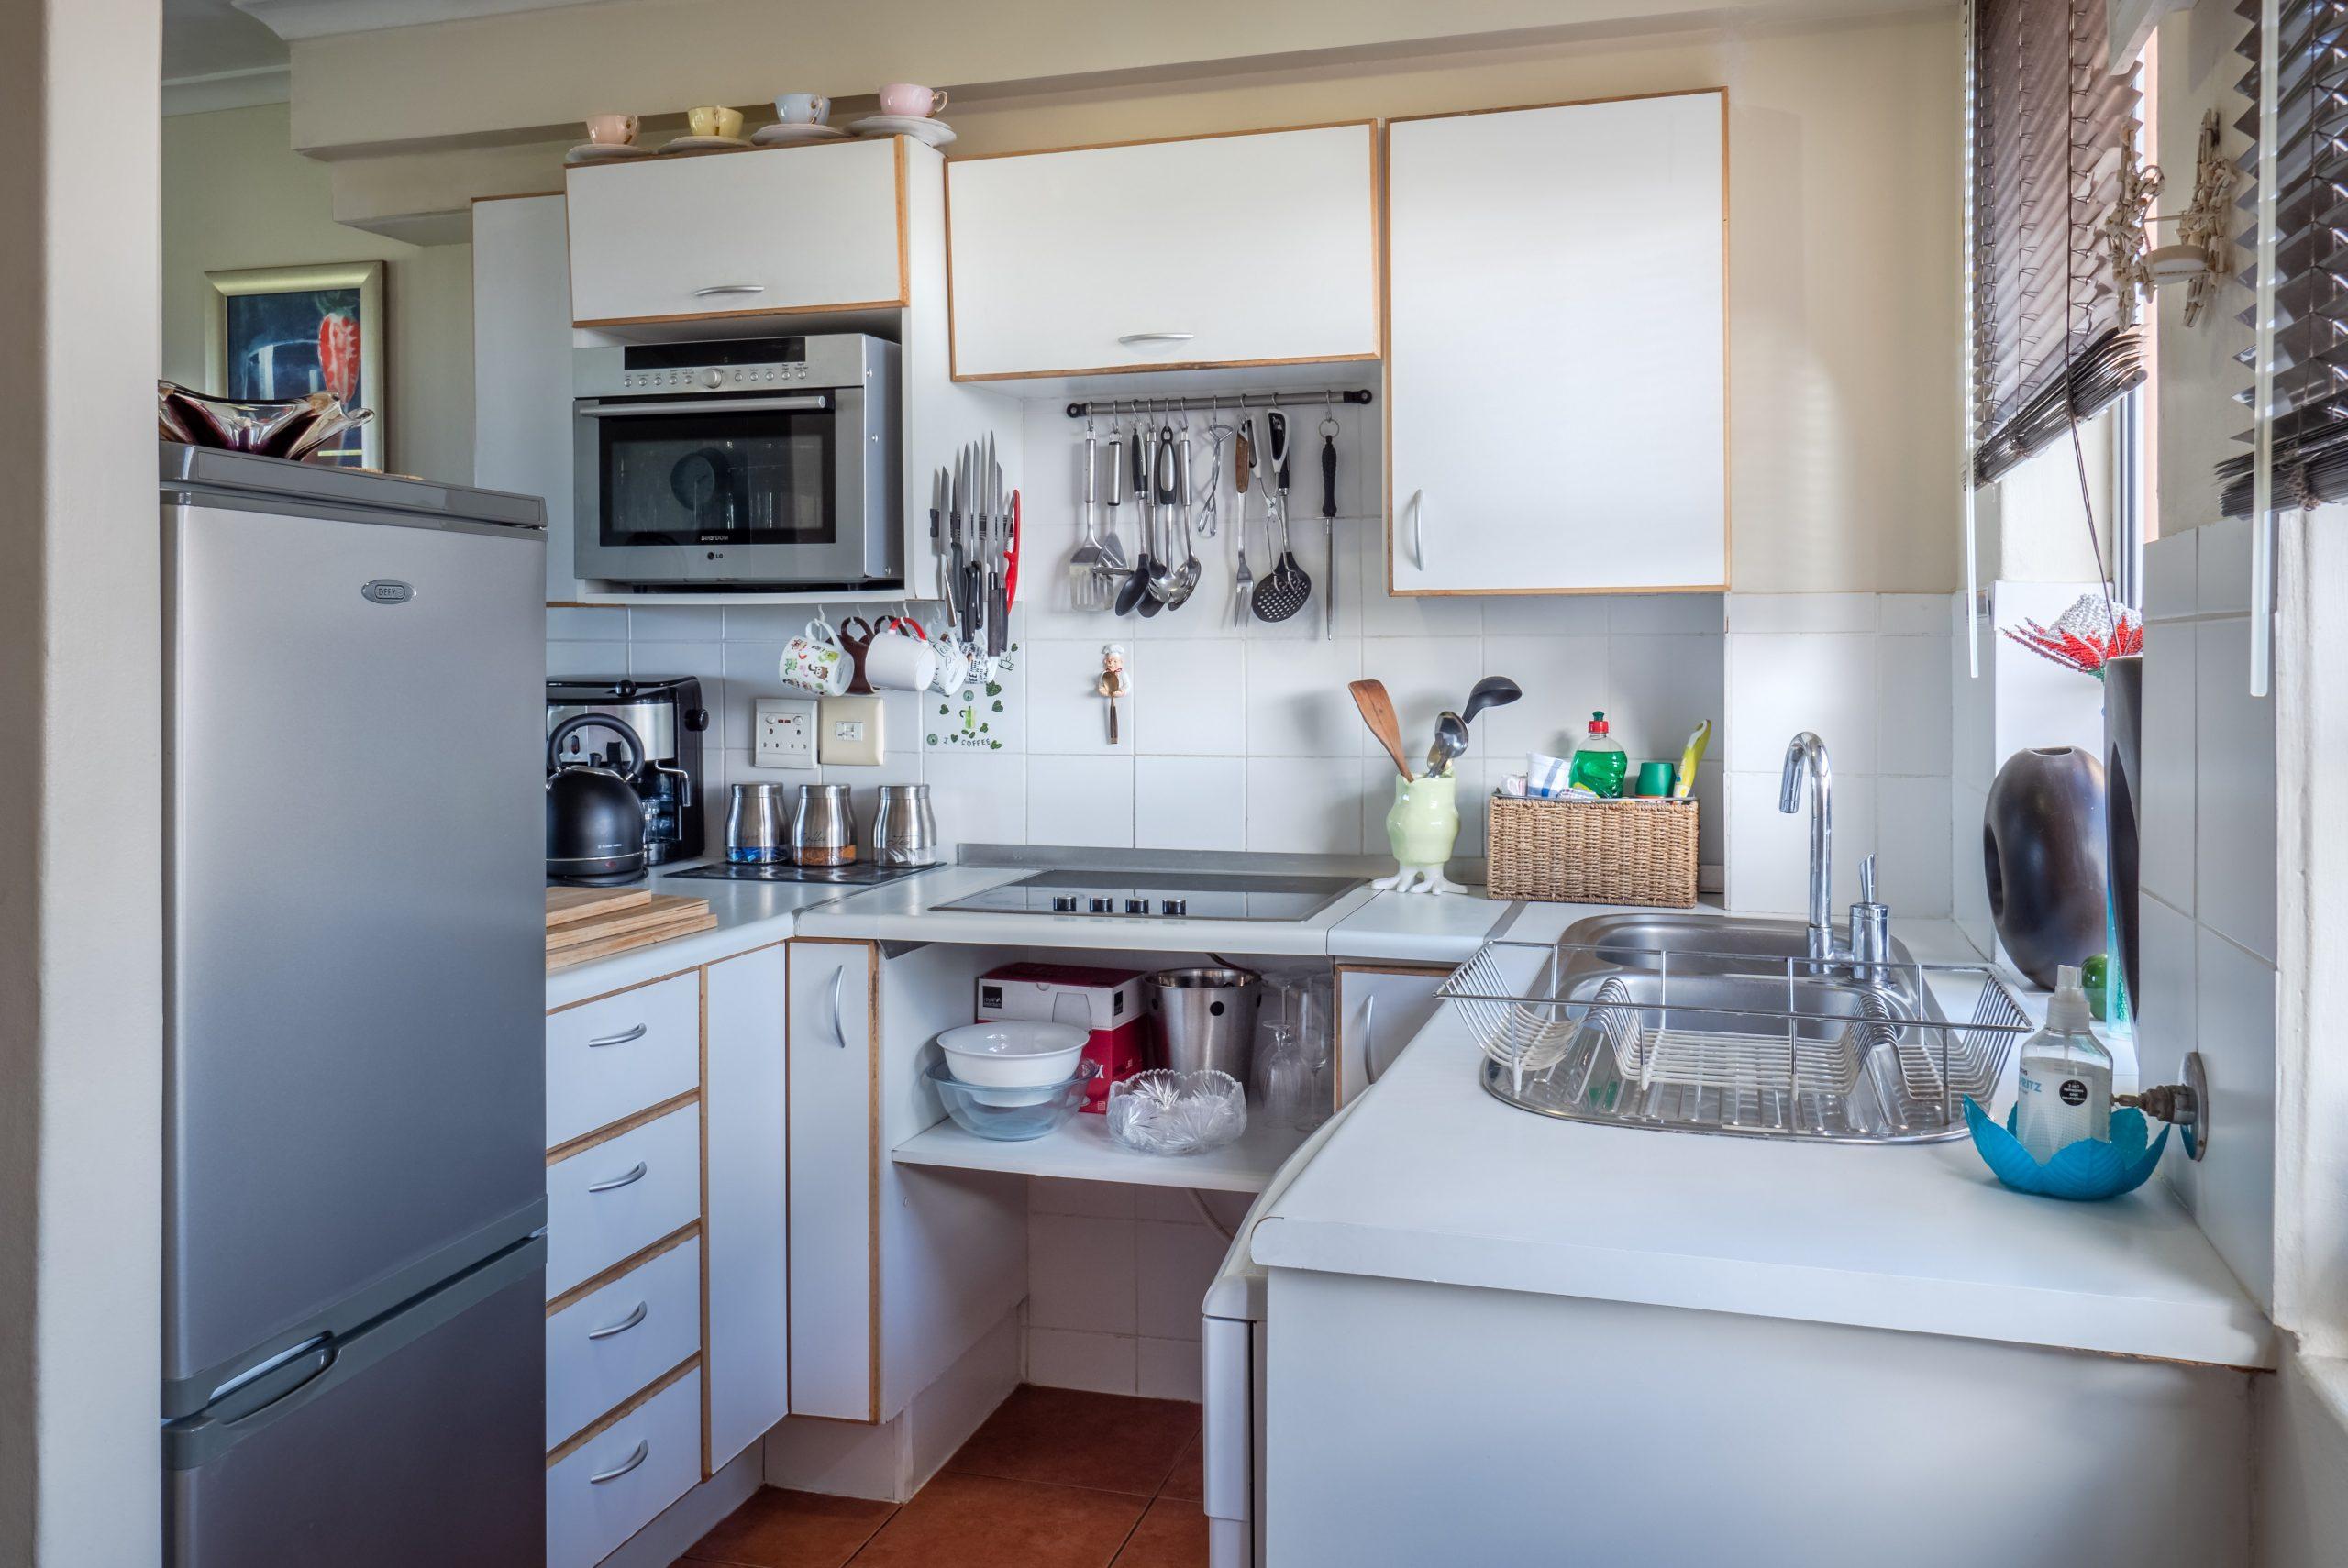 Guia rápido para redecorar sua cozinha